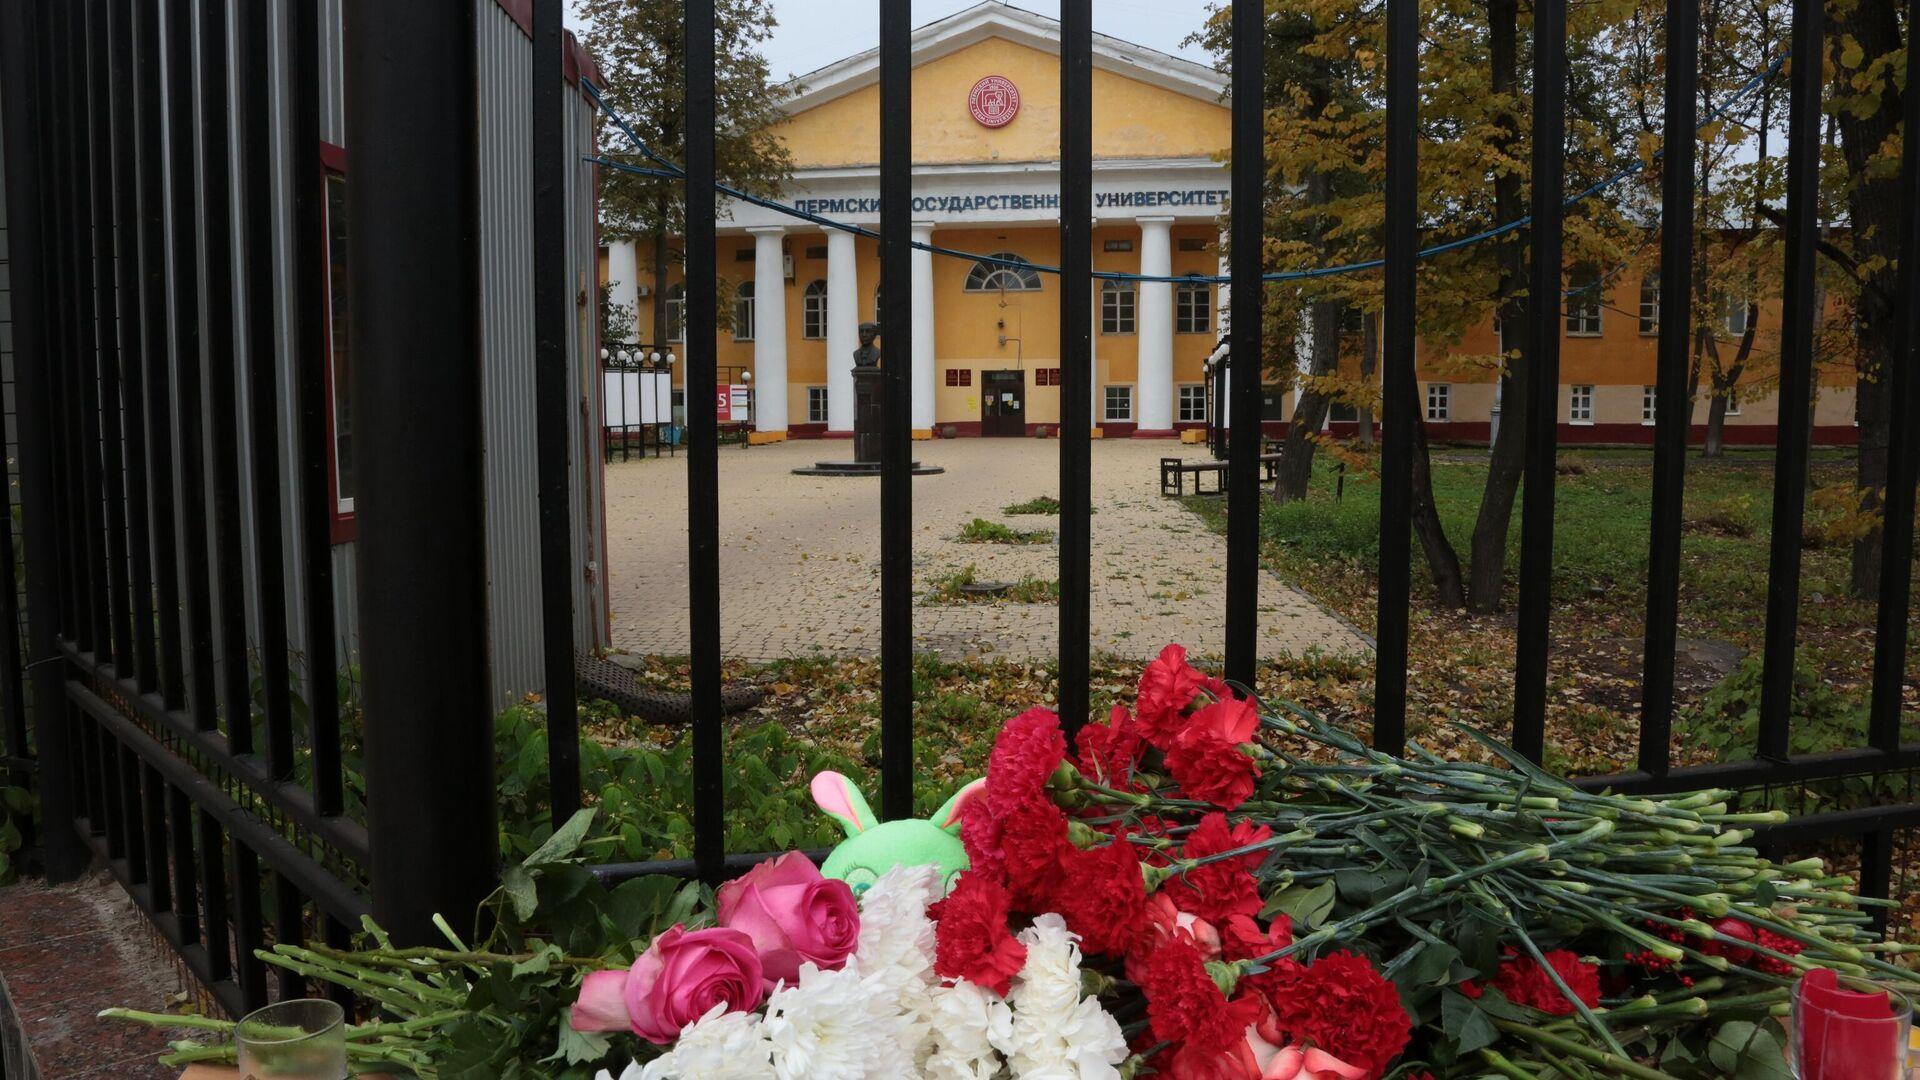 Цветы  в память о погибших в результате стрельбы в Пермском университете - РИА Новости, 1920, 25.09.2021